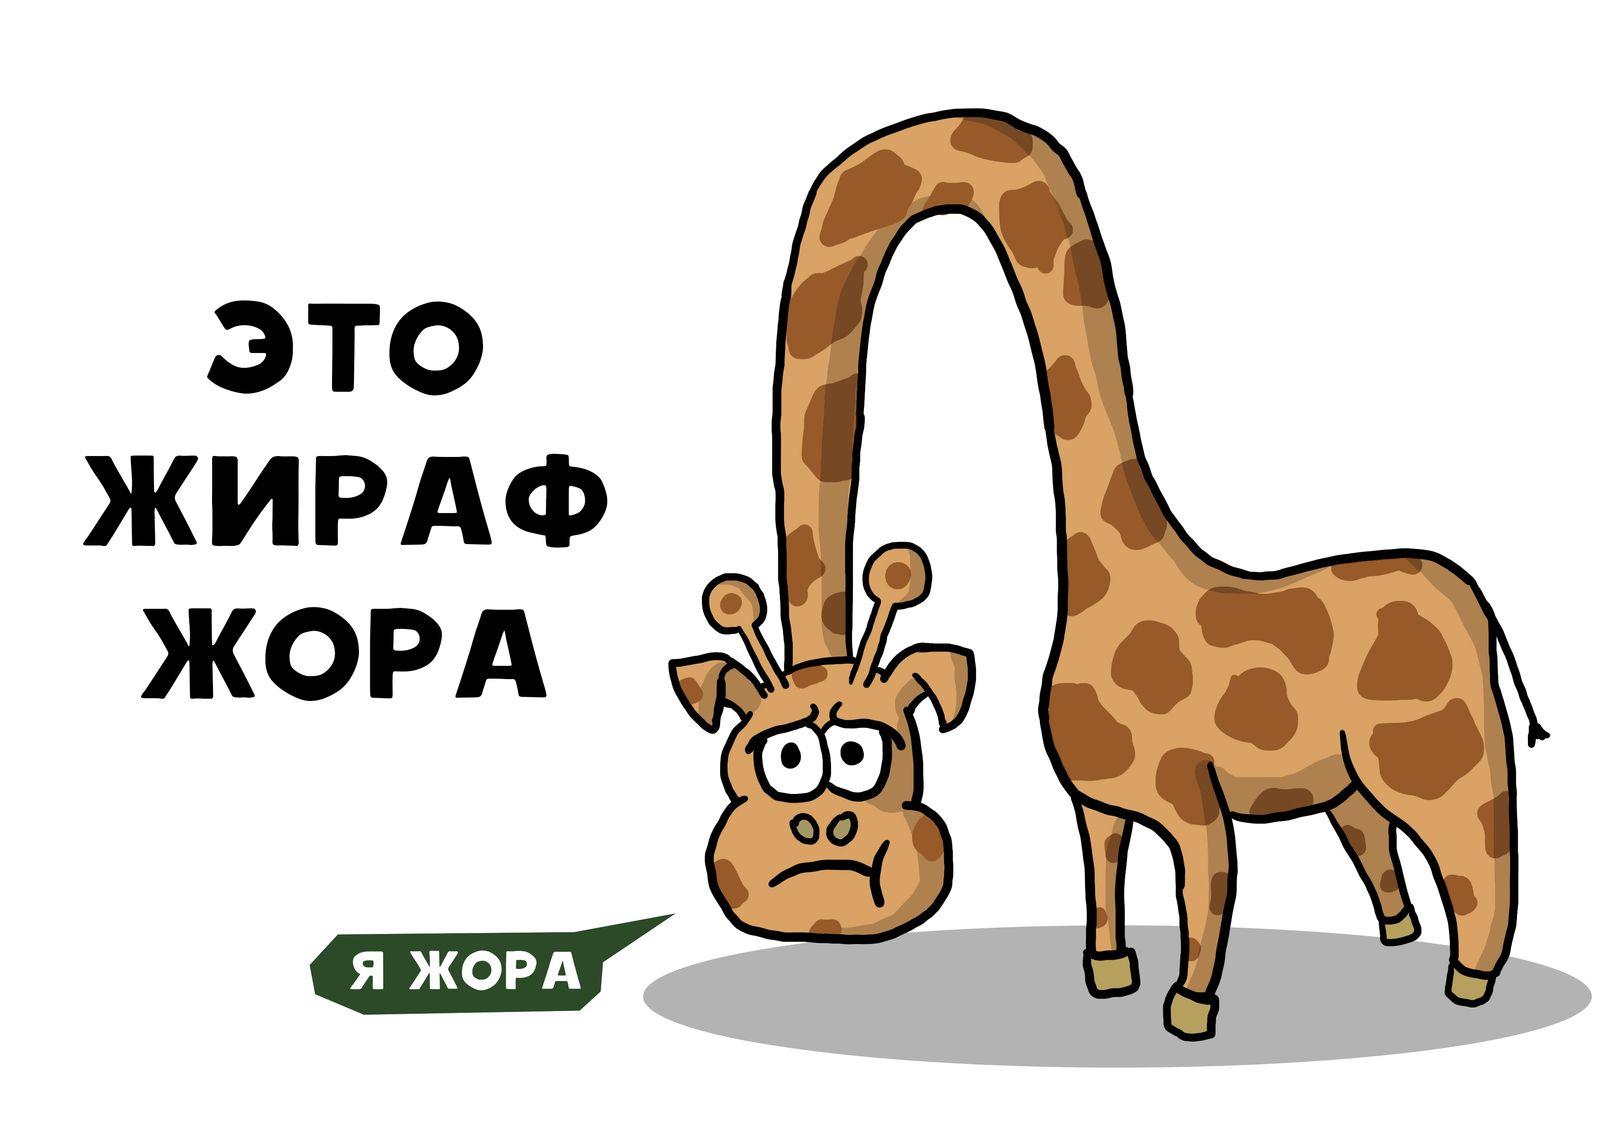 Смешные картинки жирафа с надписями